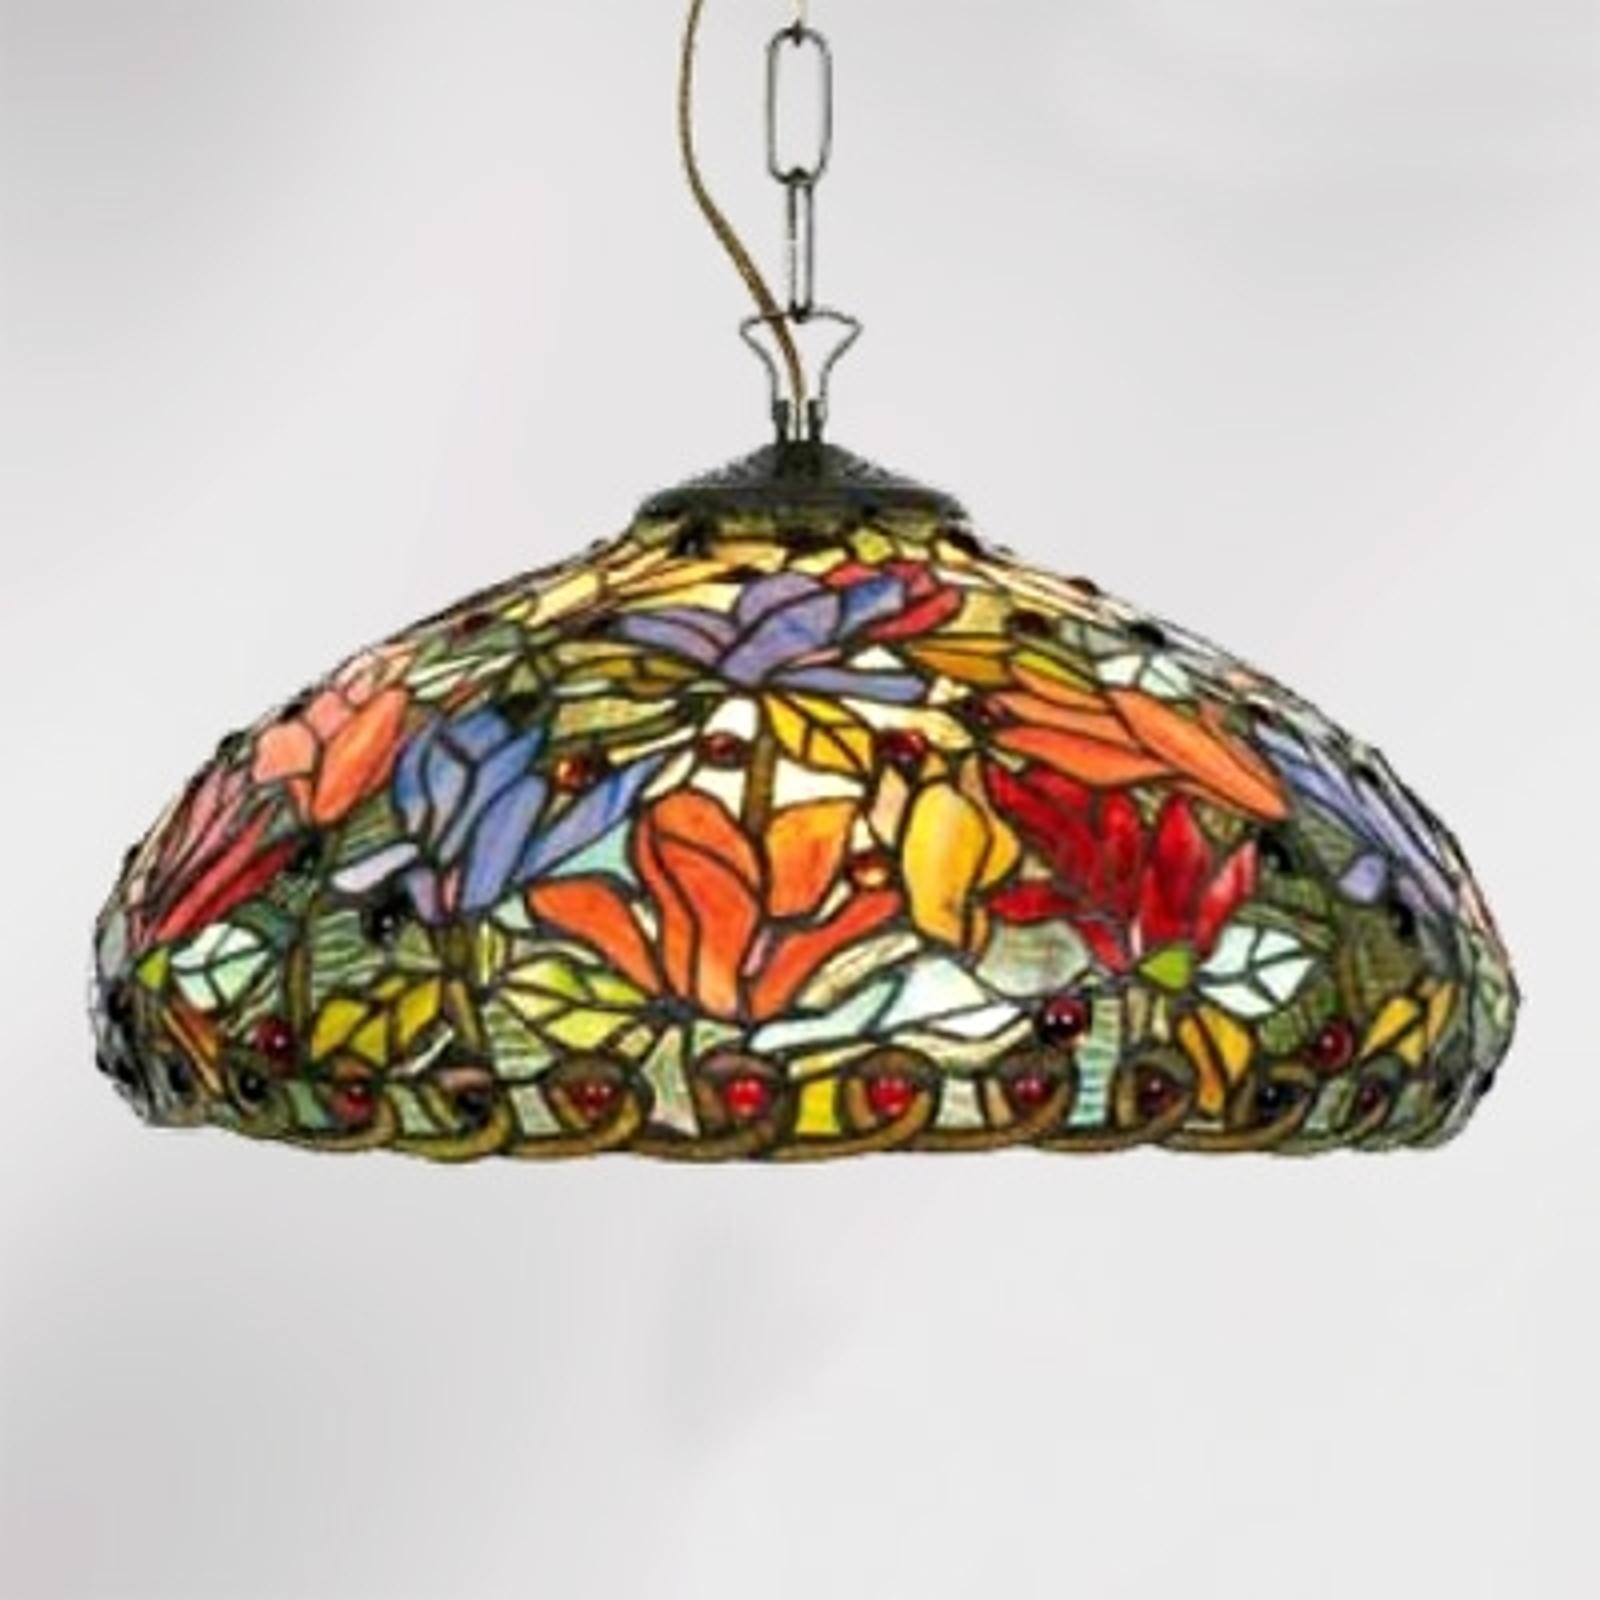 Lámpara colgante Elaine en estilo Tiffany, 2 luces